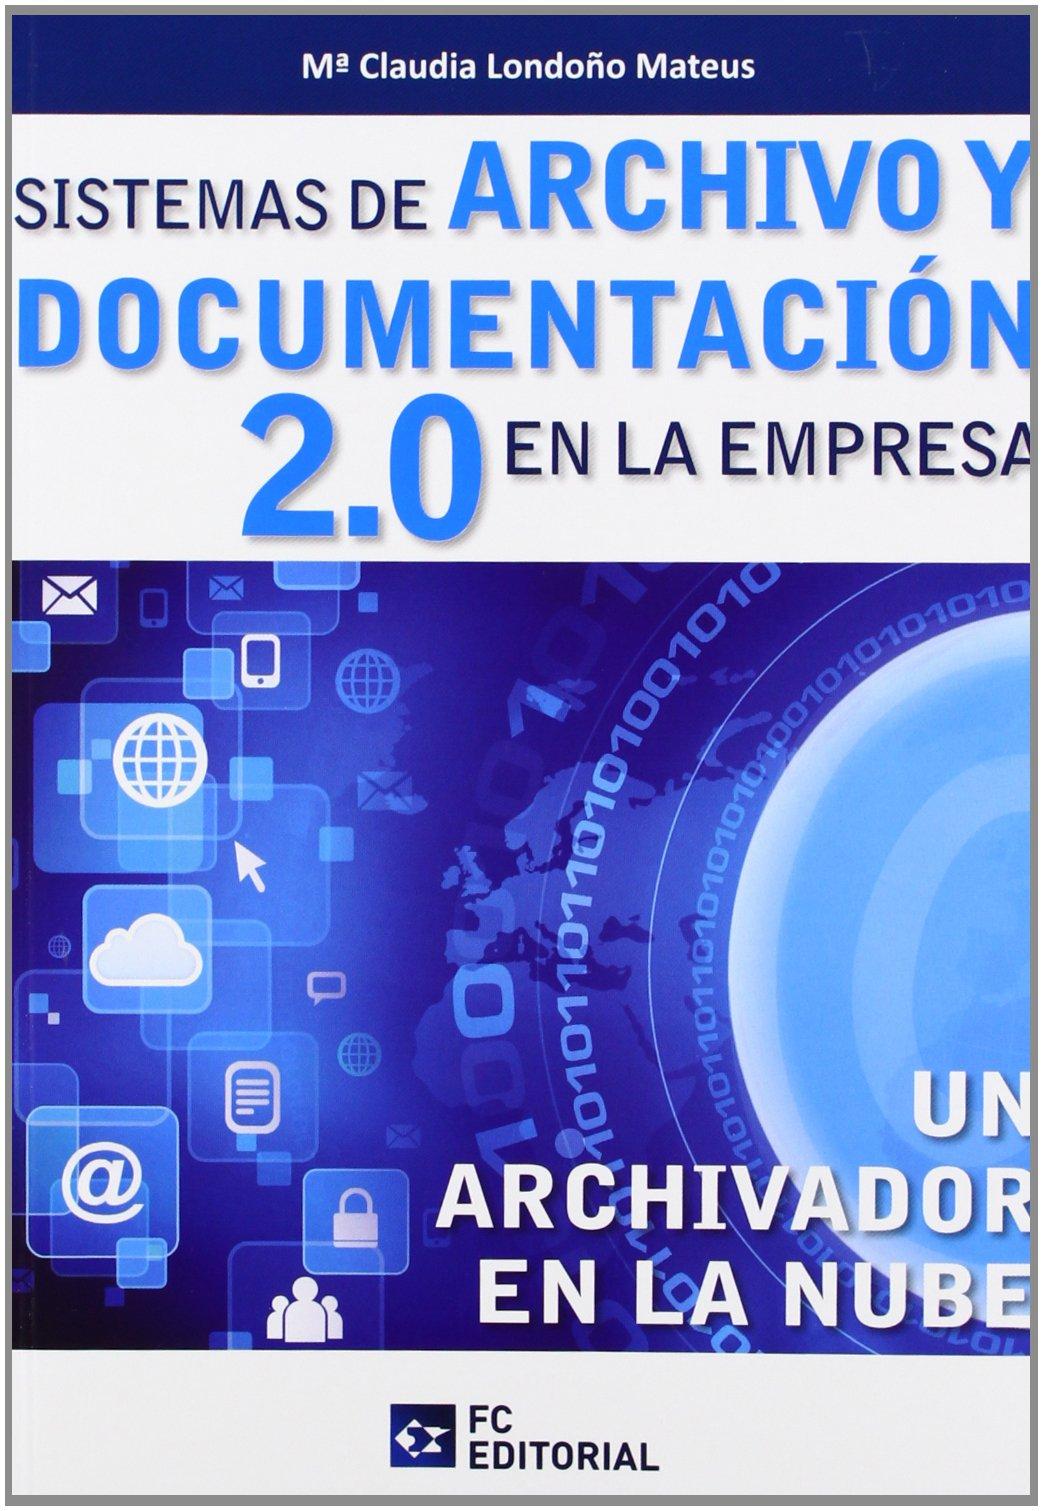 Sistemas de archivo y documentación en la empresa 2.0: M.CLAUDIA LONDOÑO MATEUS: 9788415683025: Amazon.com: Books